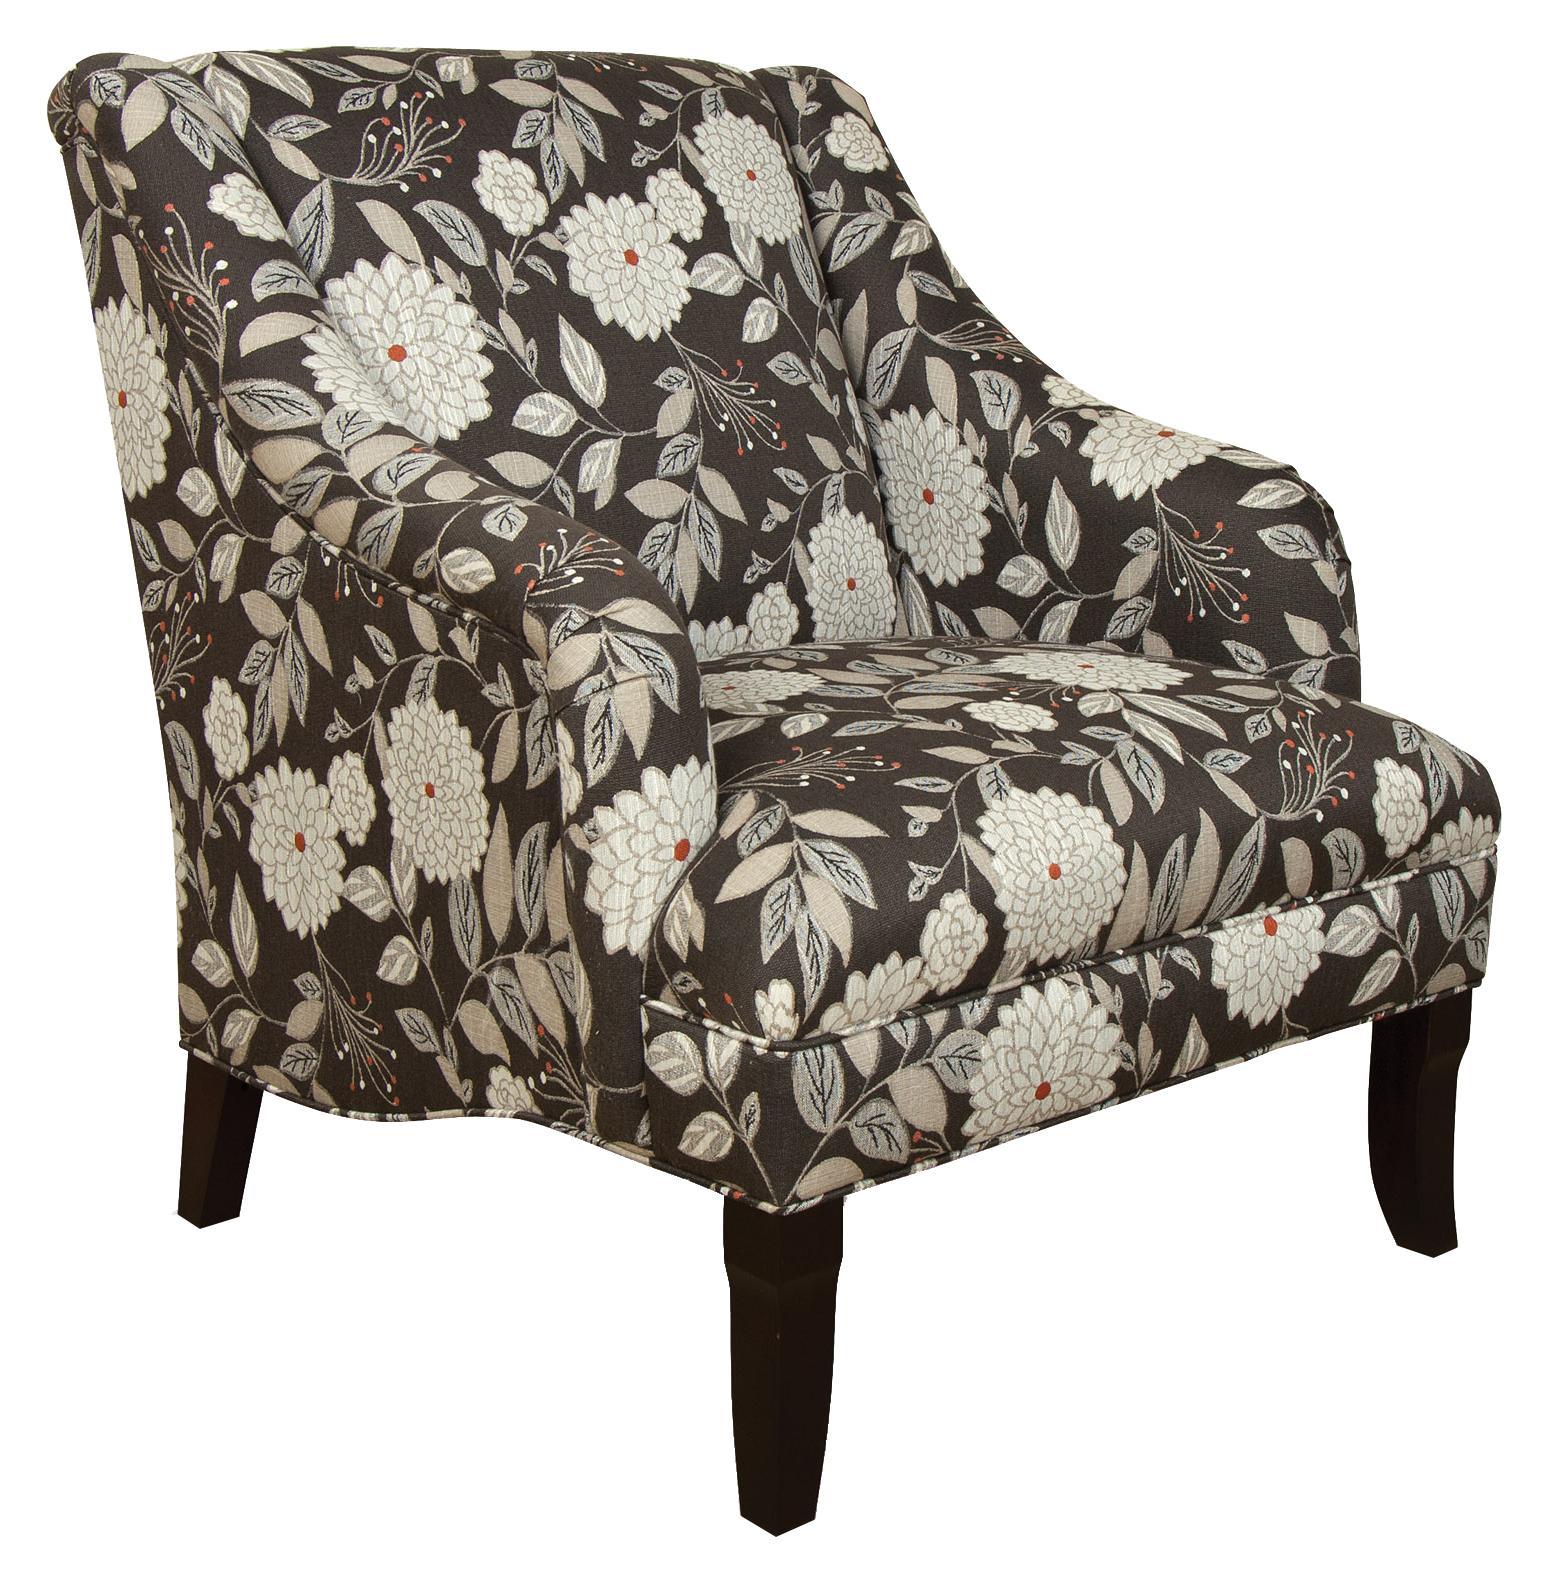 England Kinnett Living Room Arm Chair - Item Number: 3934